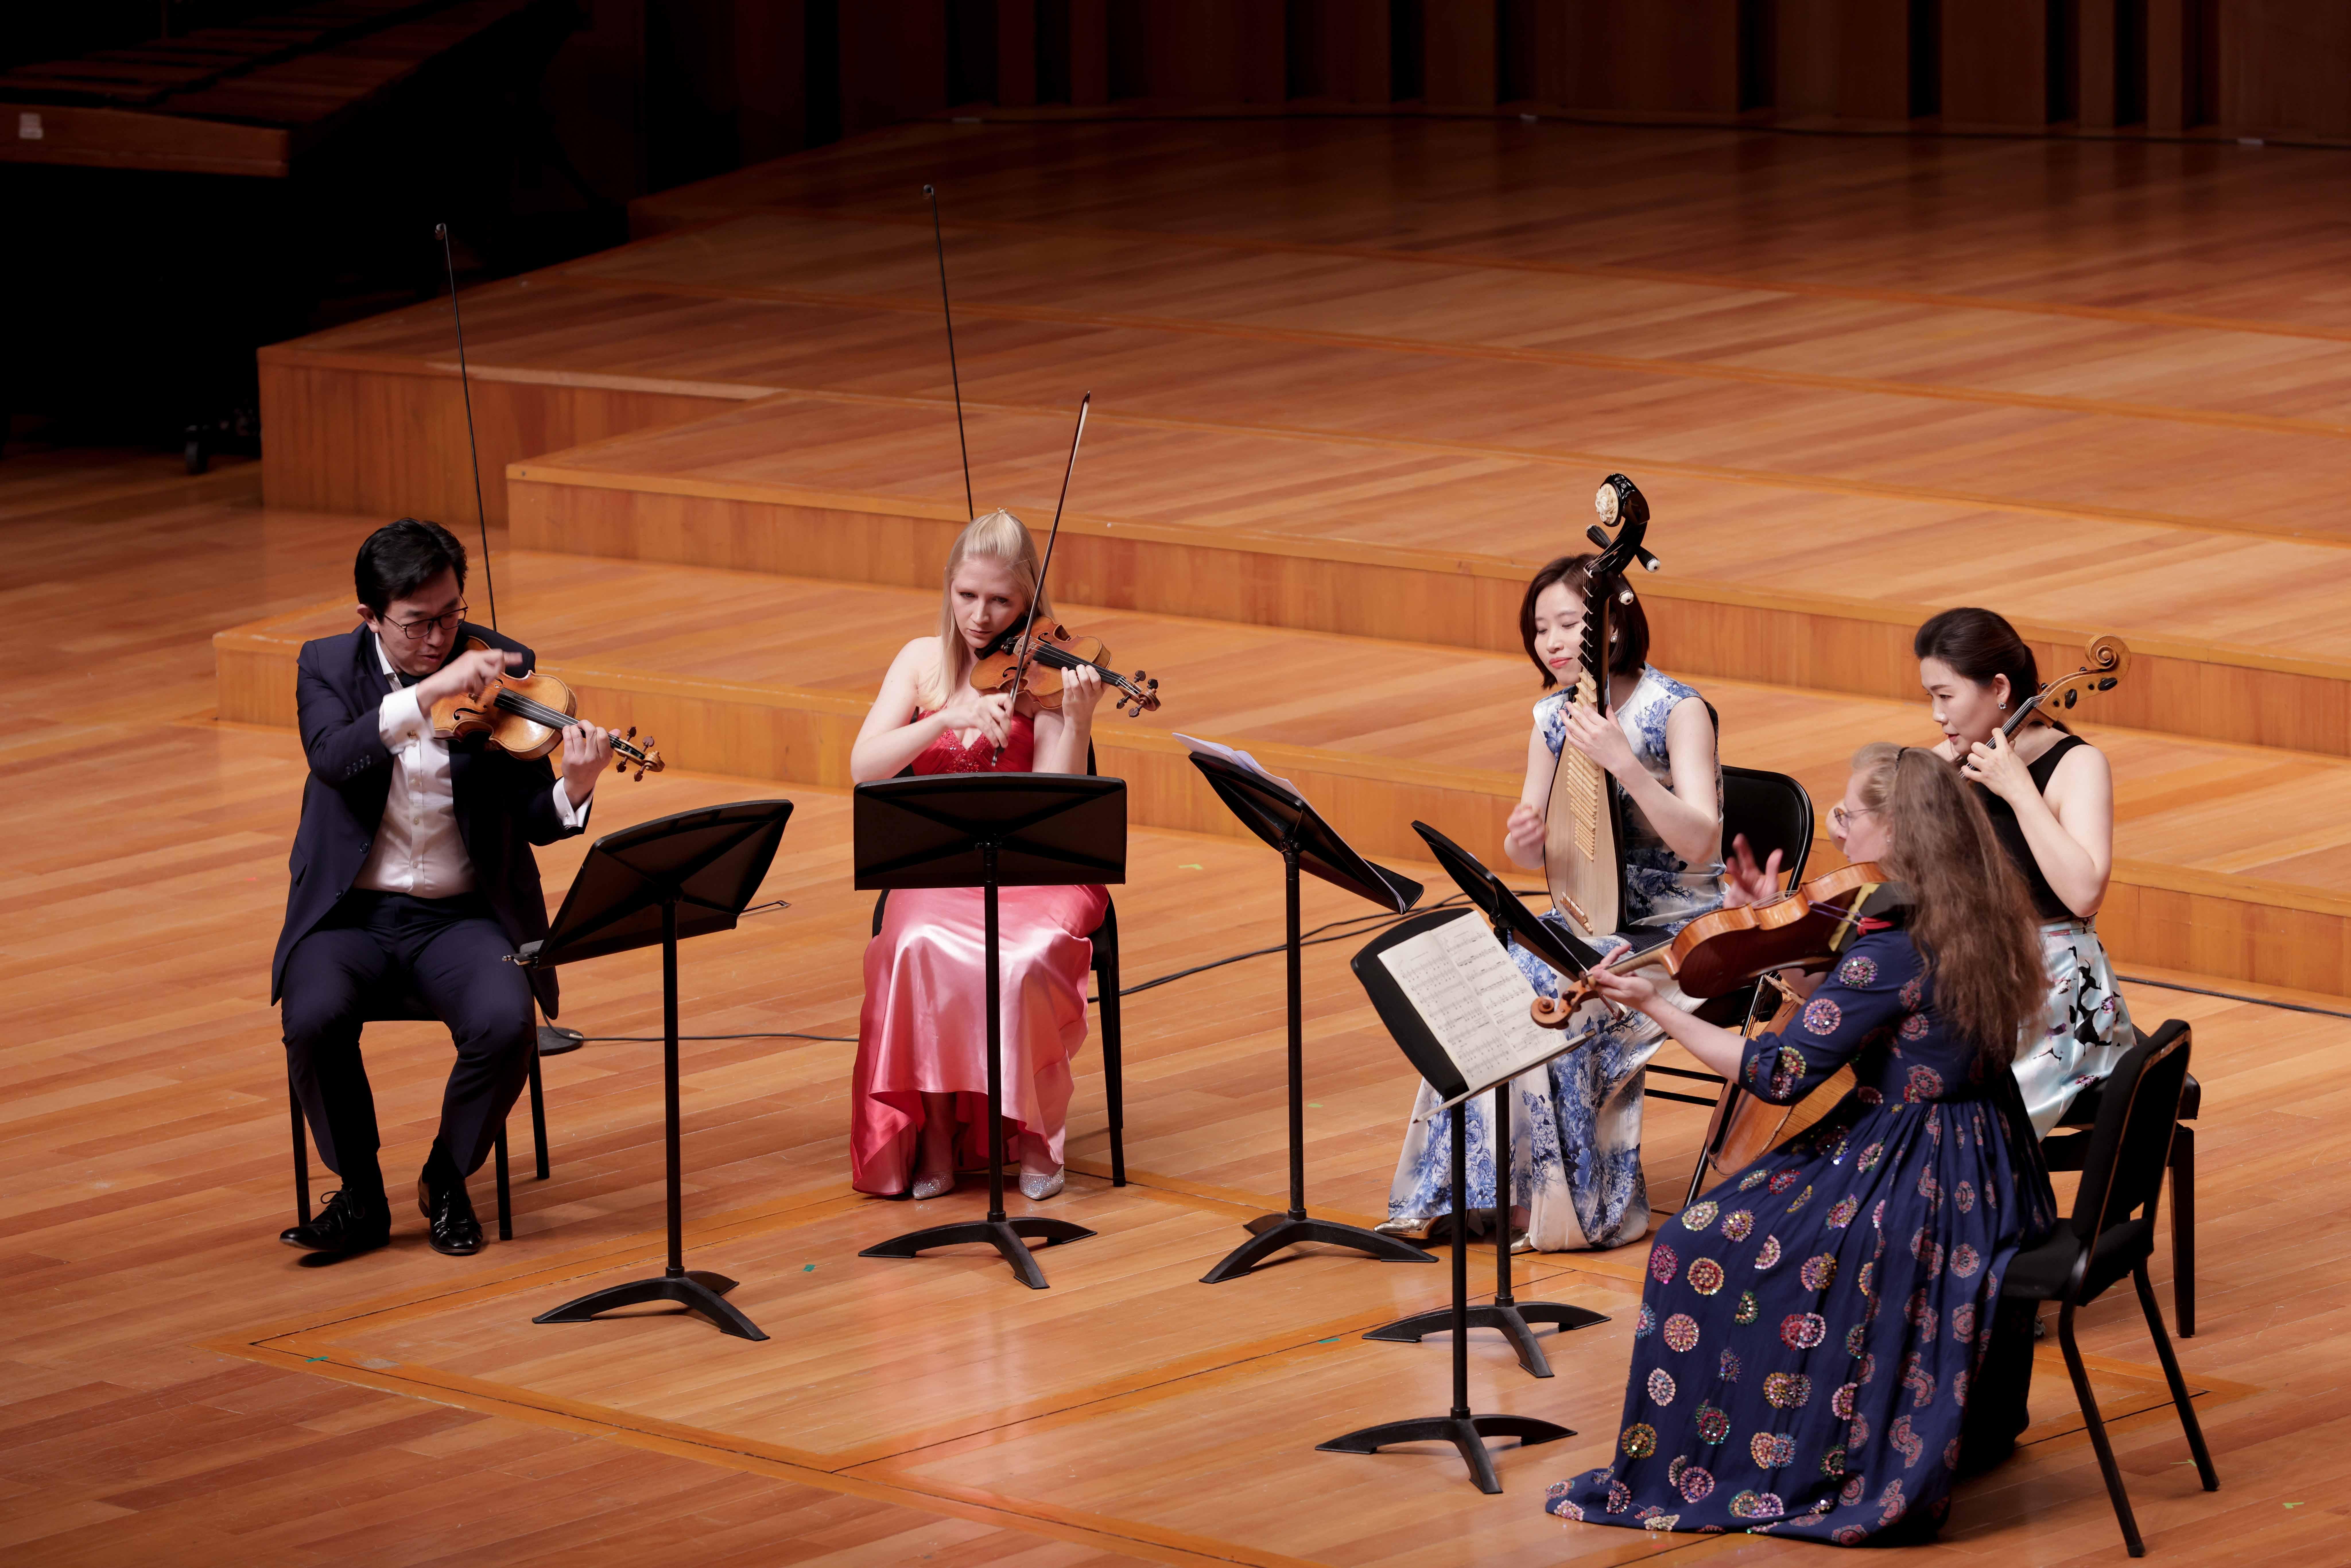 李佳(琵琶)与天津茱莉亚室内乐团演奏谭盾《弦乐四重奏与琵琶》